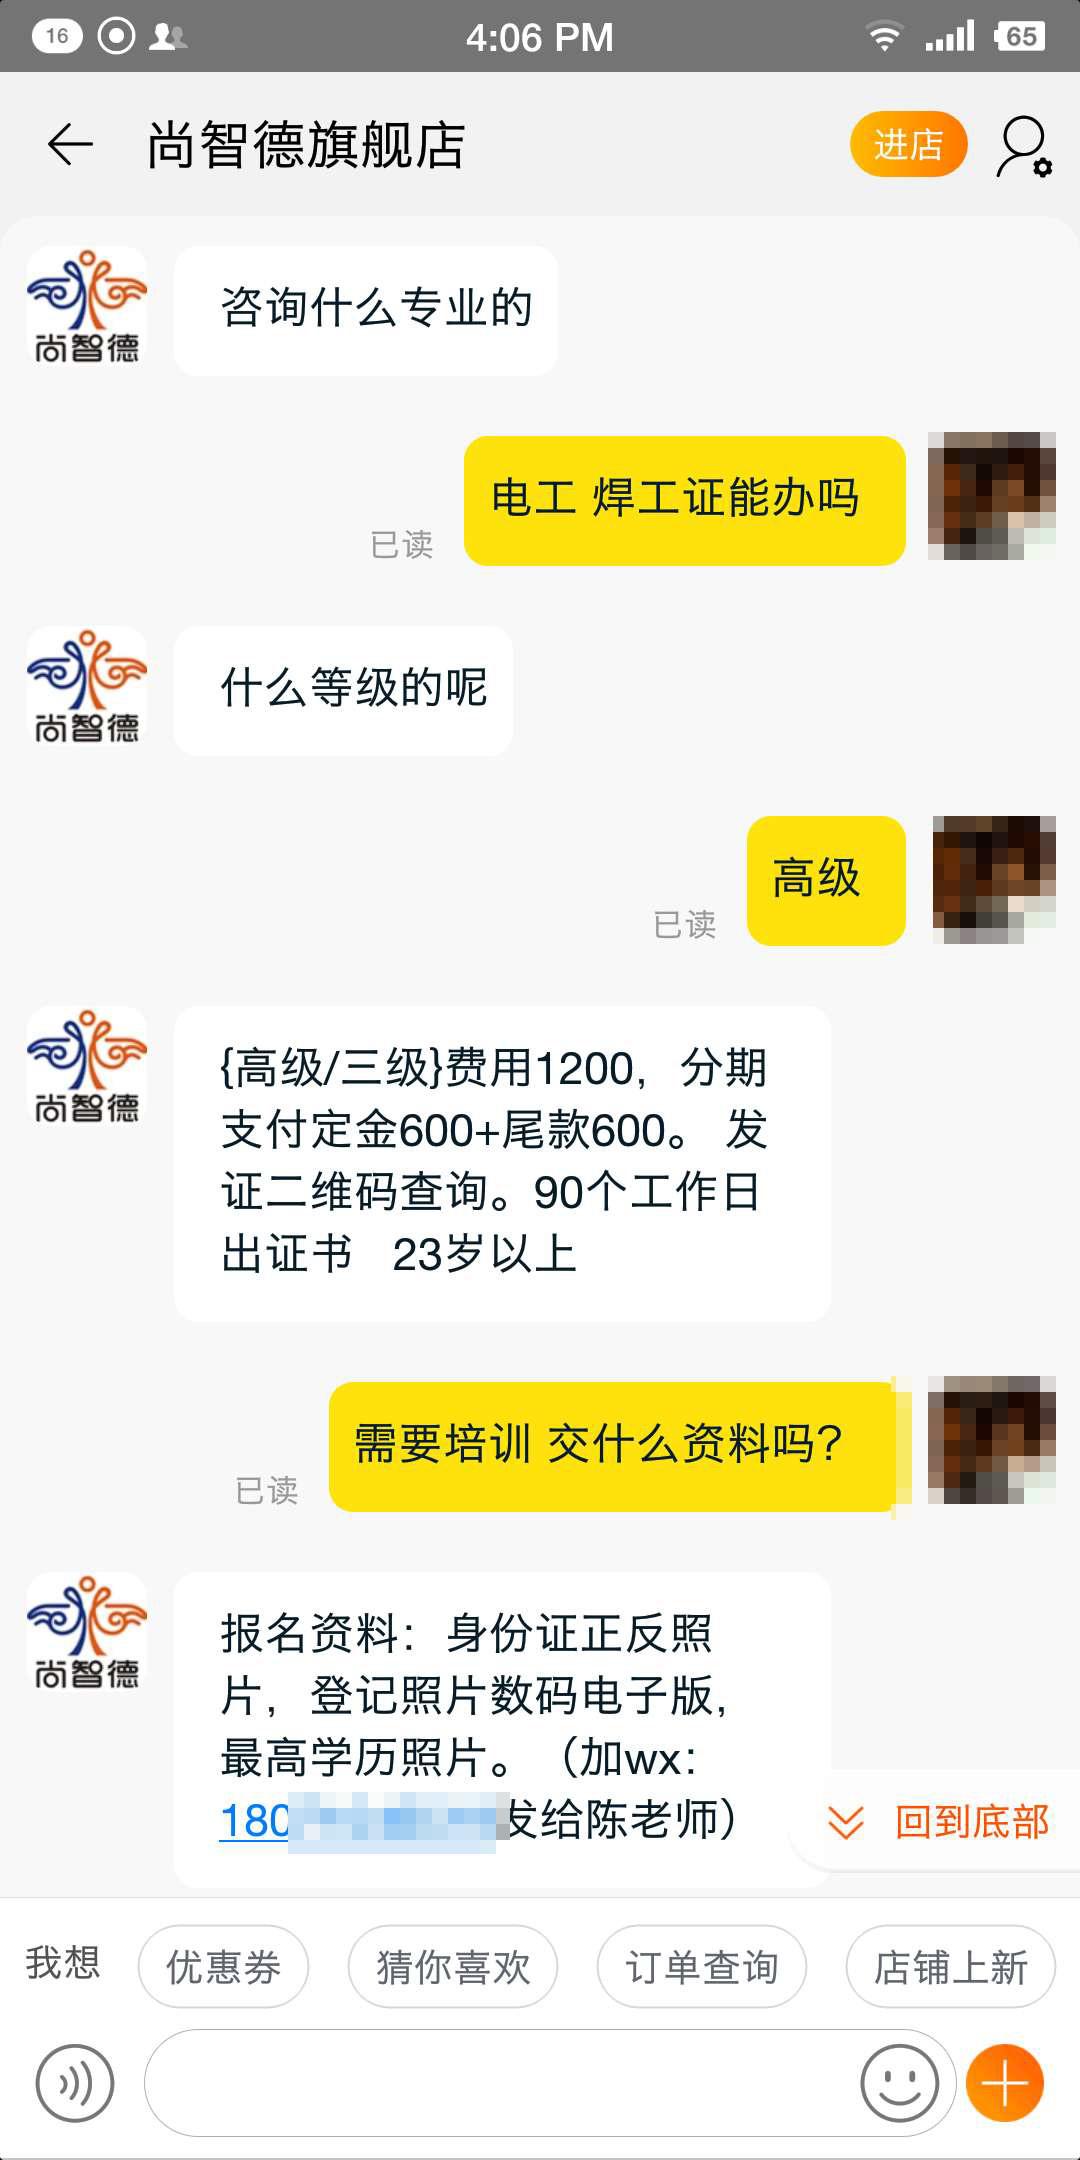 淘宝京东网店售资格证 律师:买卖技工职业证书违法